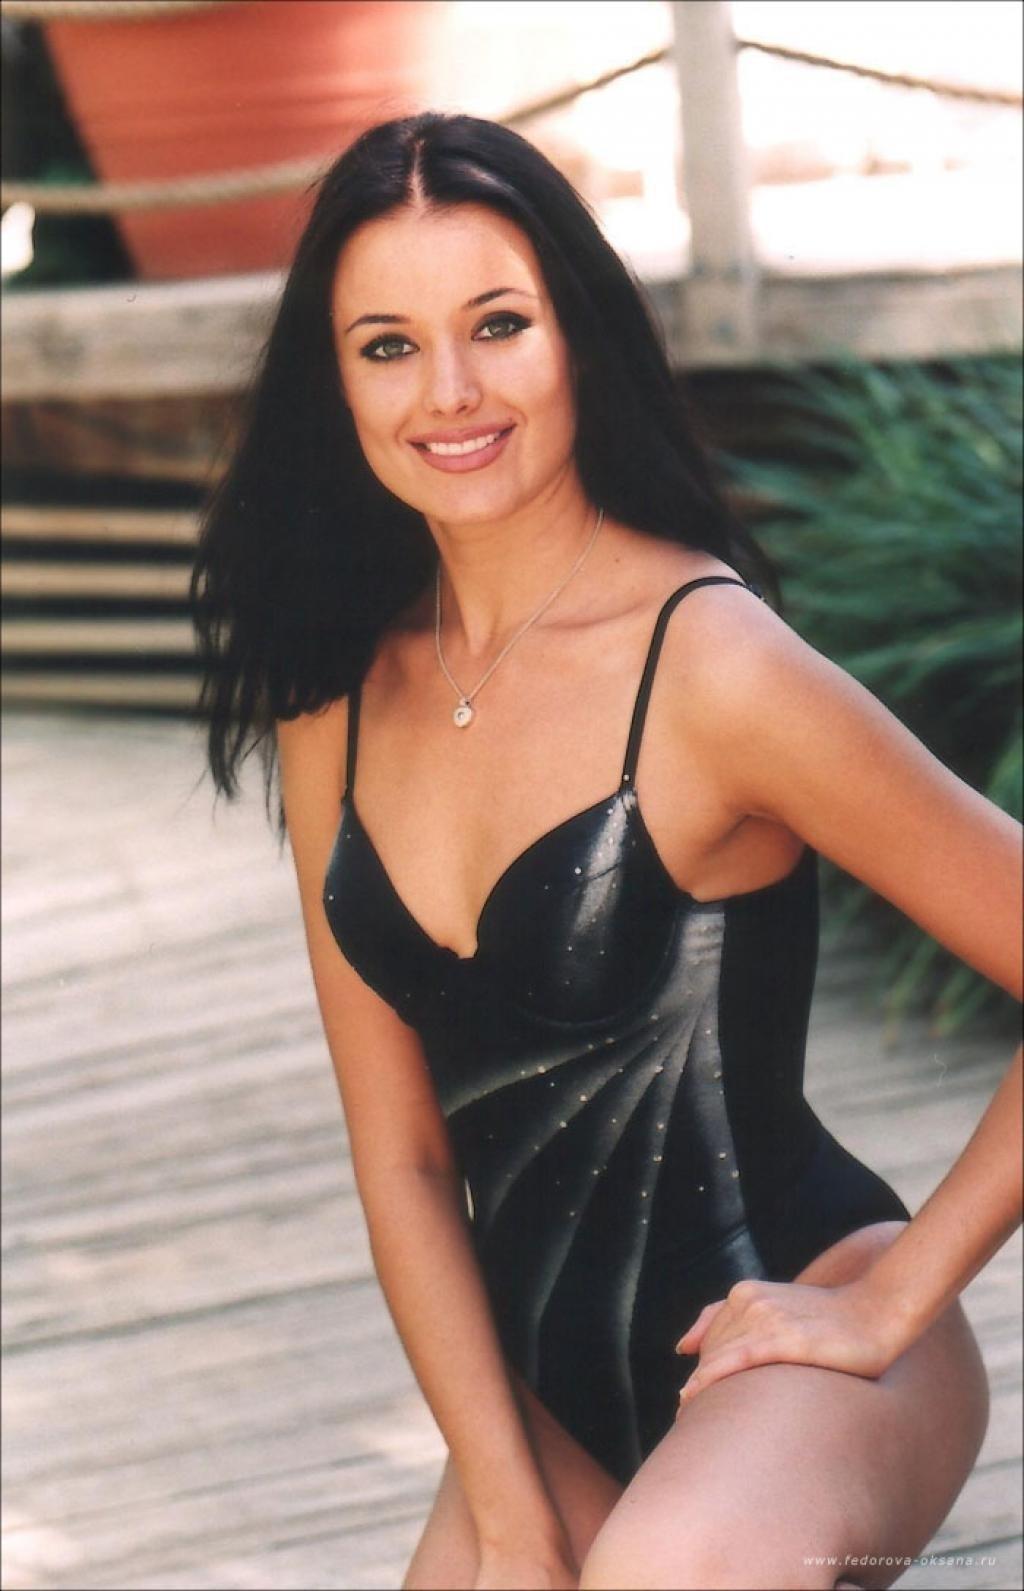 oxana fedorova, miss universe 2002 (renuncio). - Página 3 Eesv88h8